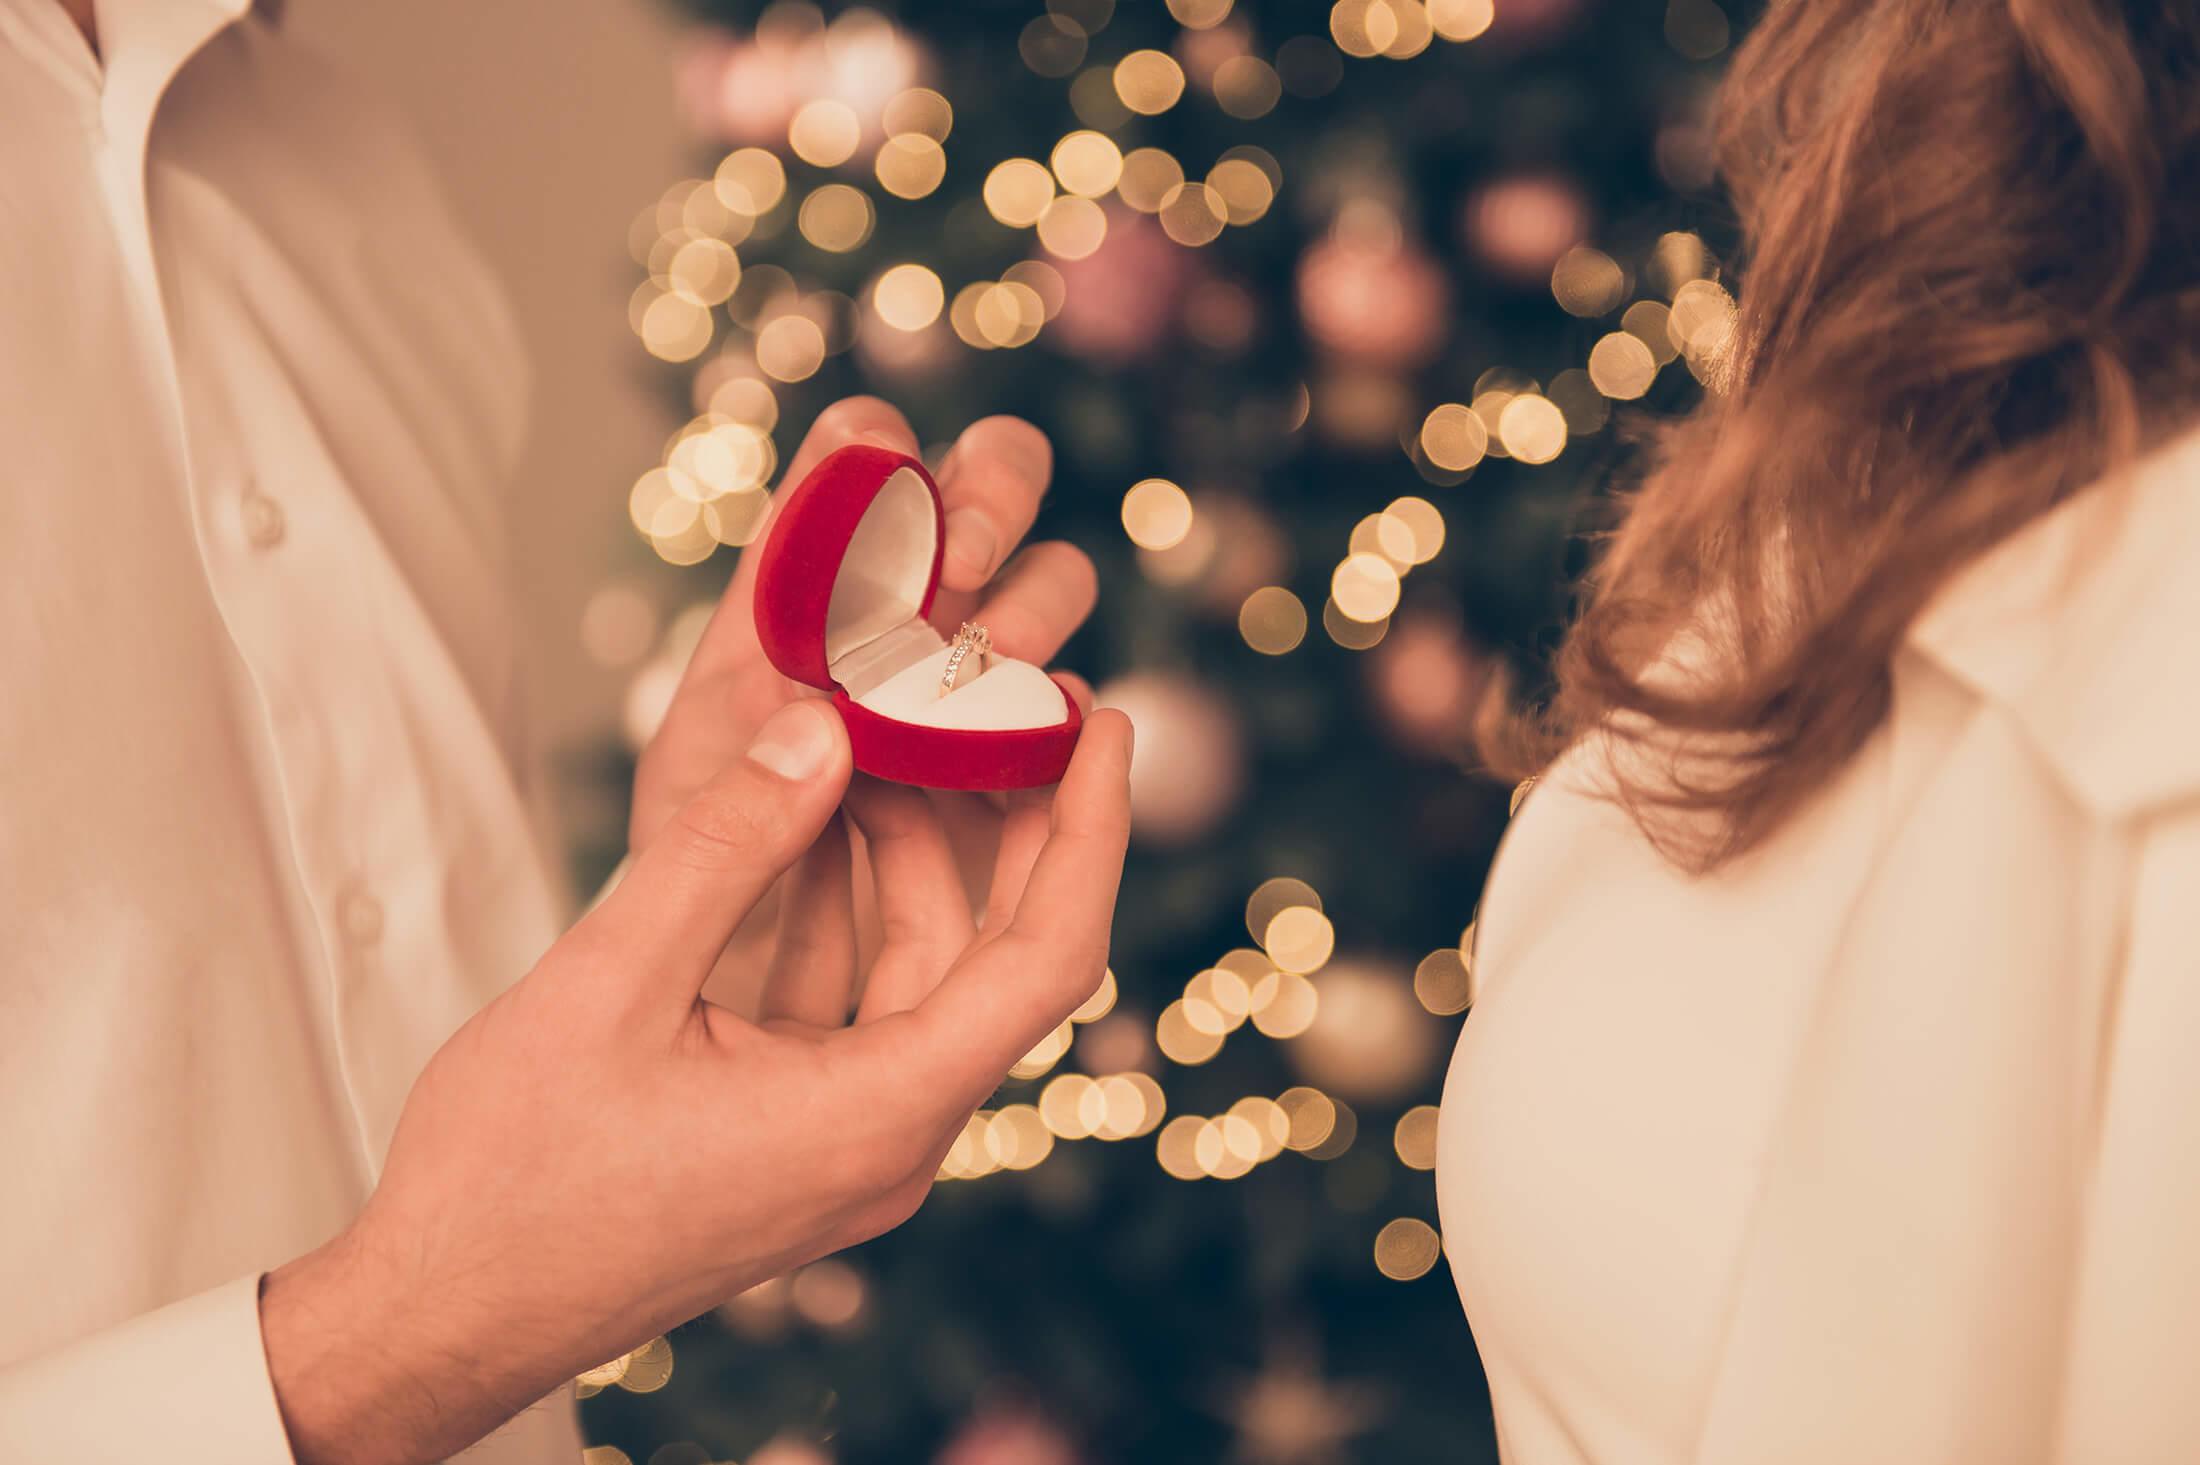 男性必見!成功に導くためのクリスマスプロポーズとは